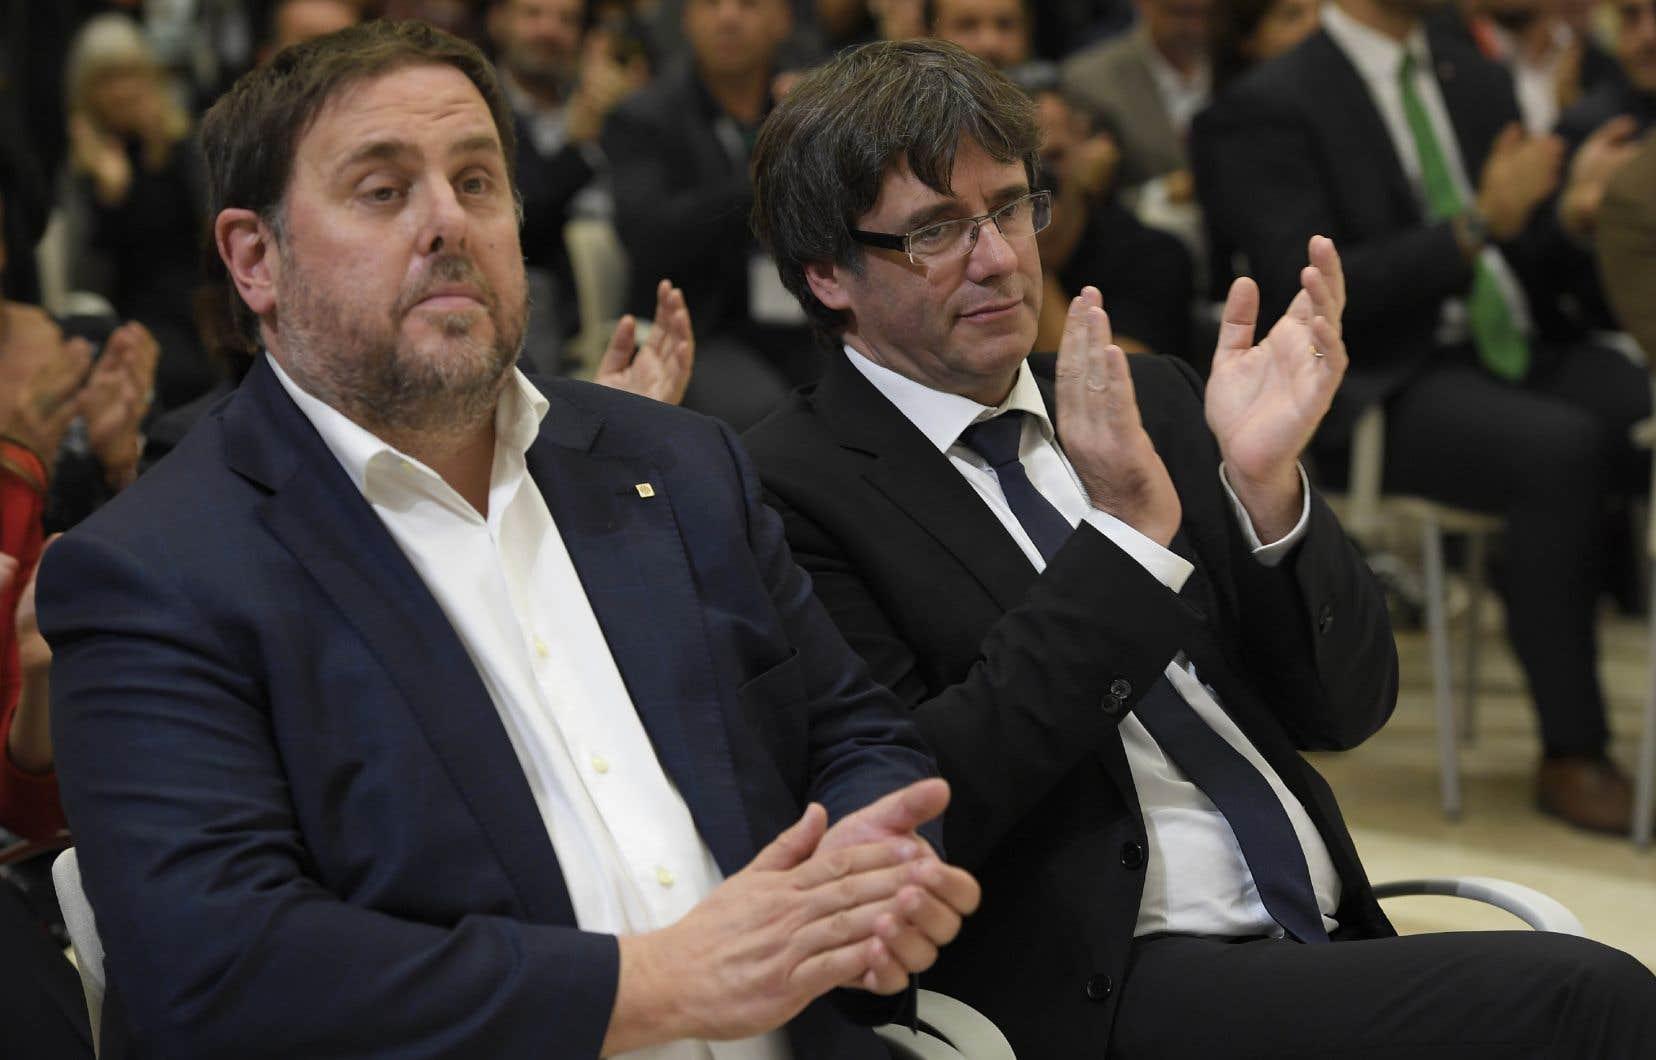 Oriol Junqueras et Carles Puigdemont, respectivement vice-président et président de la Catalogne, lors de la signature de la déclaration d'indépendance de la région, le 10 octobre dernier.